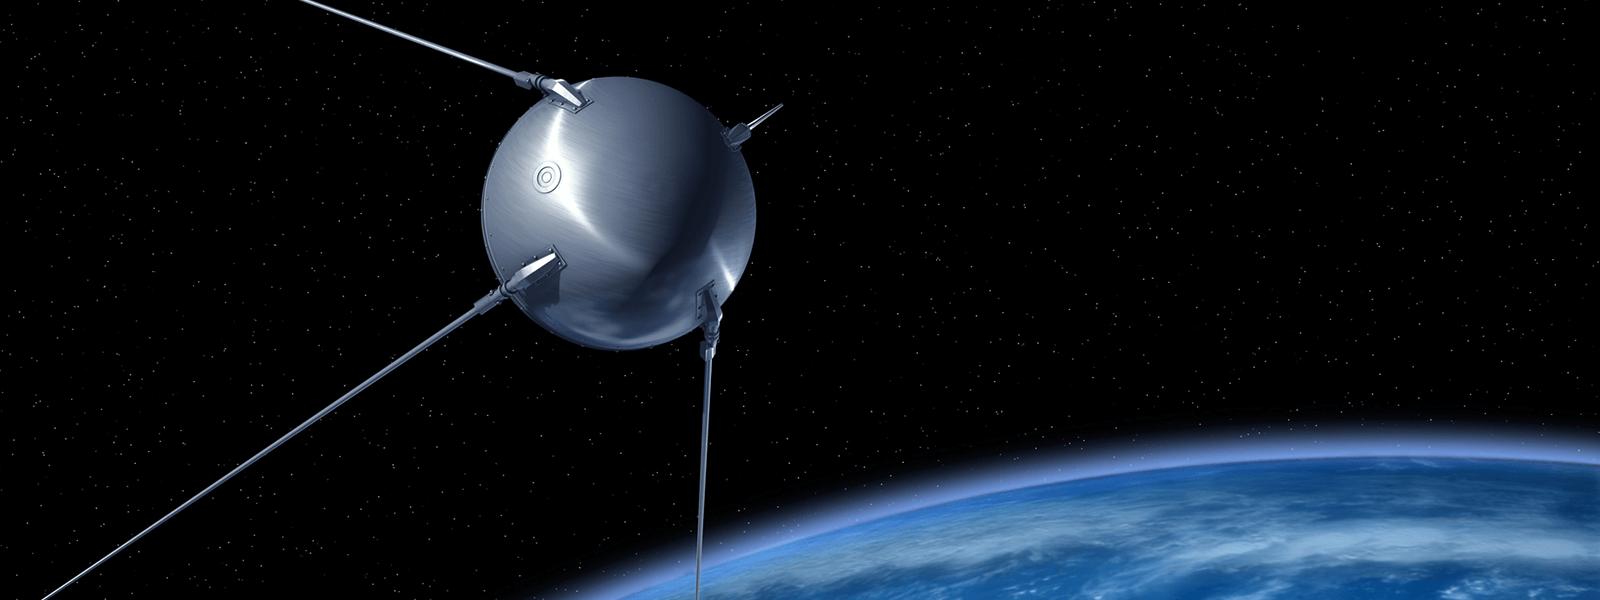 Sputnik na tle rozgwieżdżonego nieba. Na dole Ziemia.